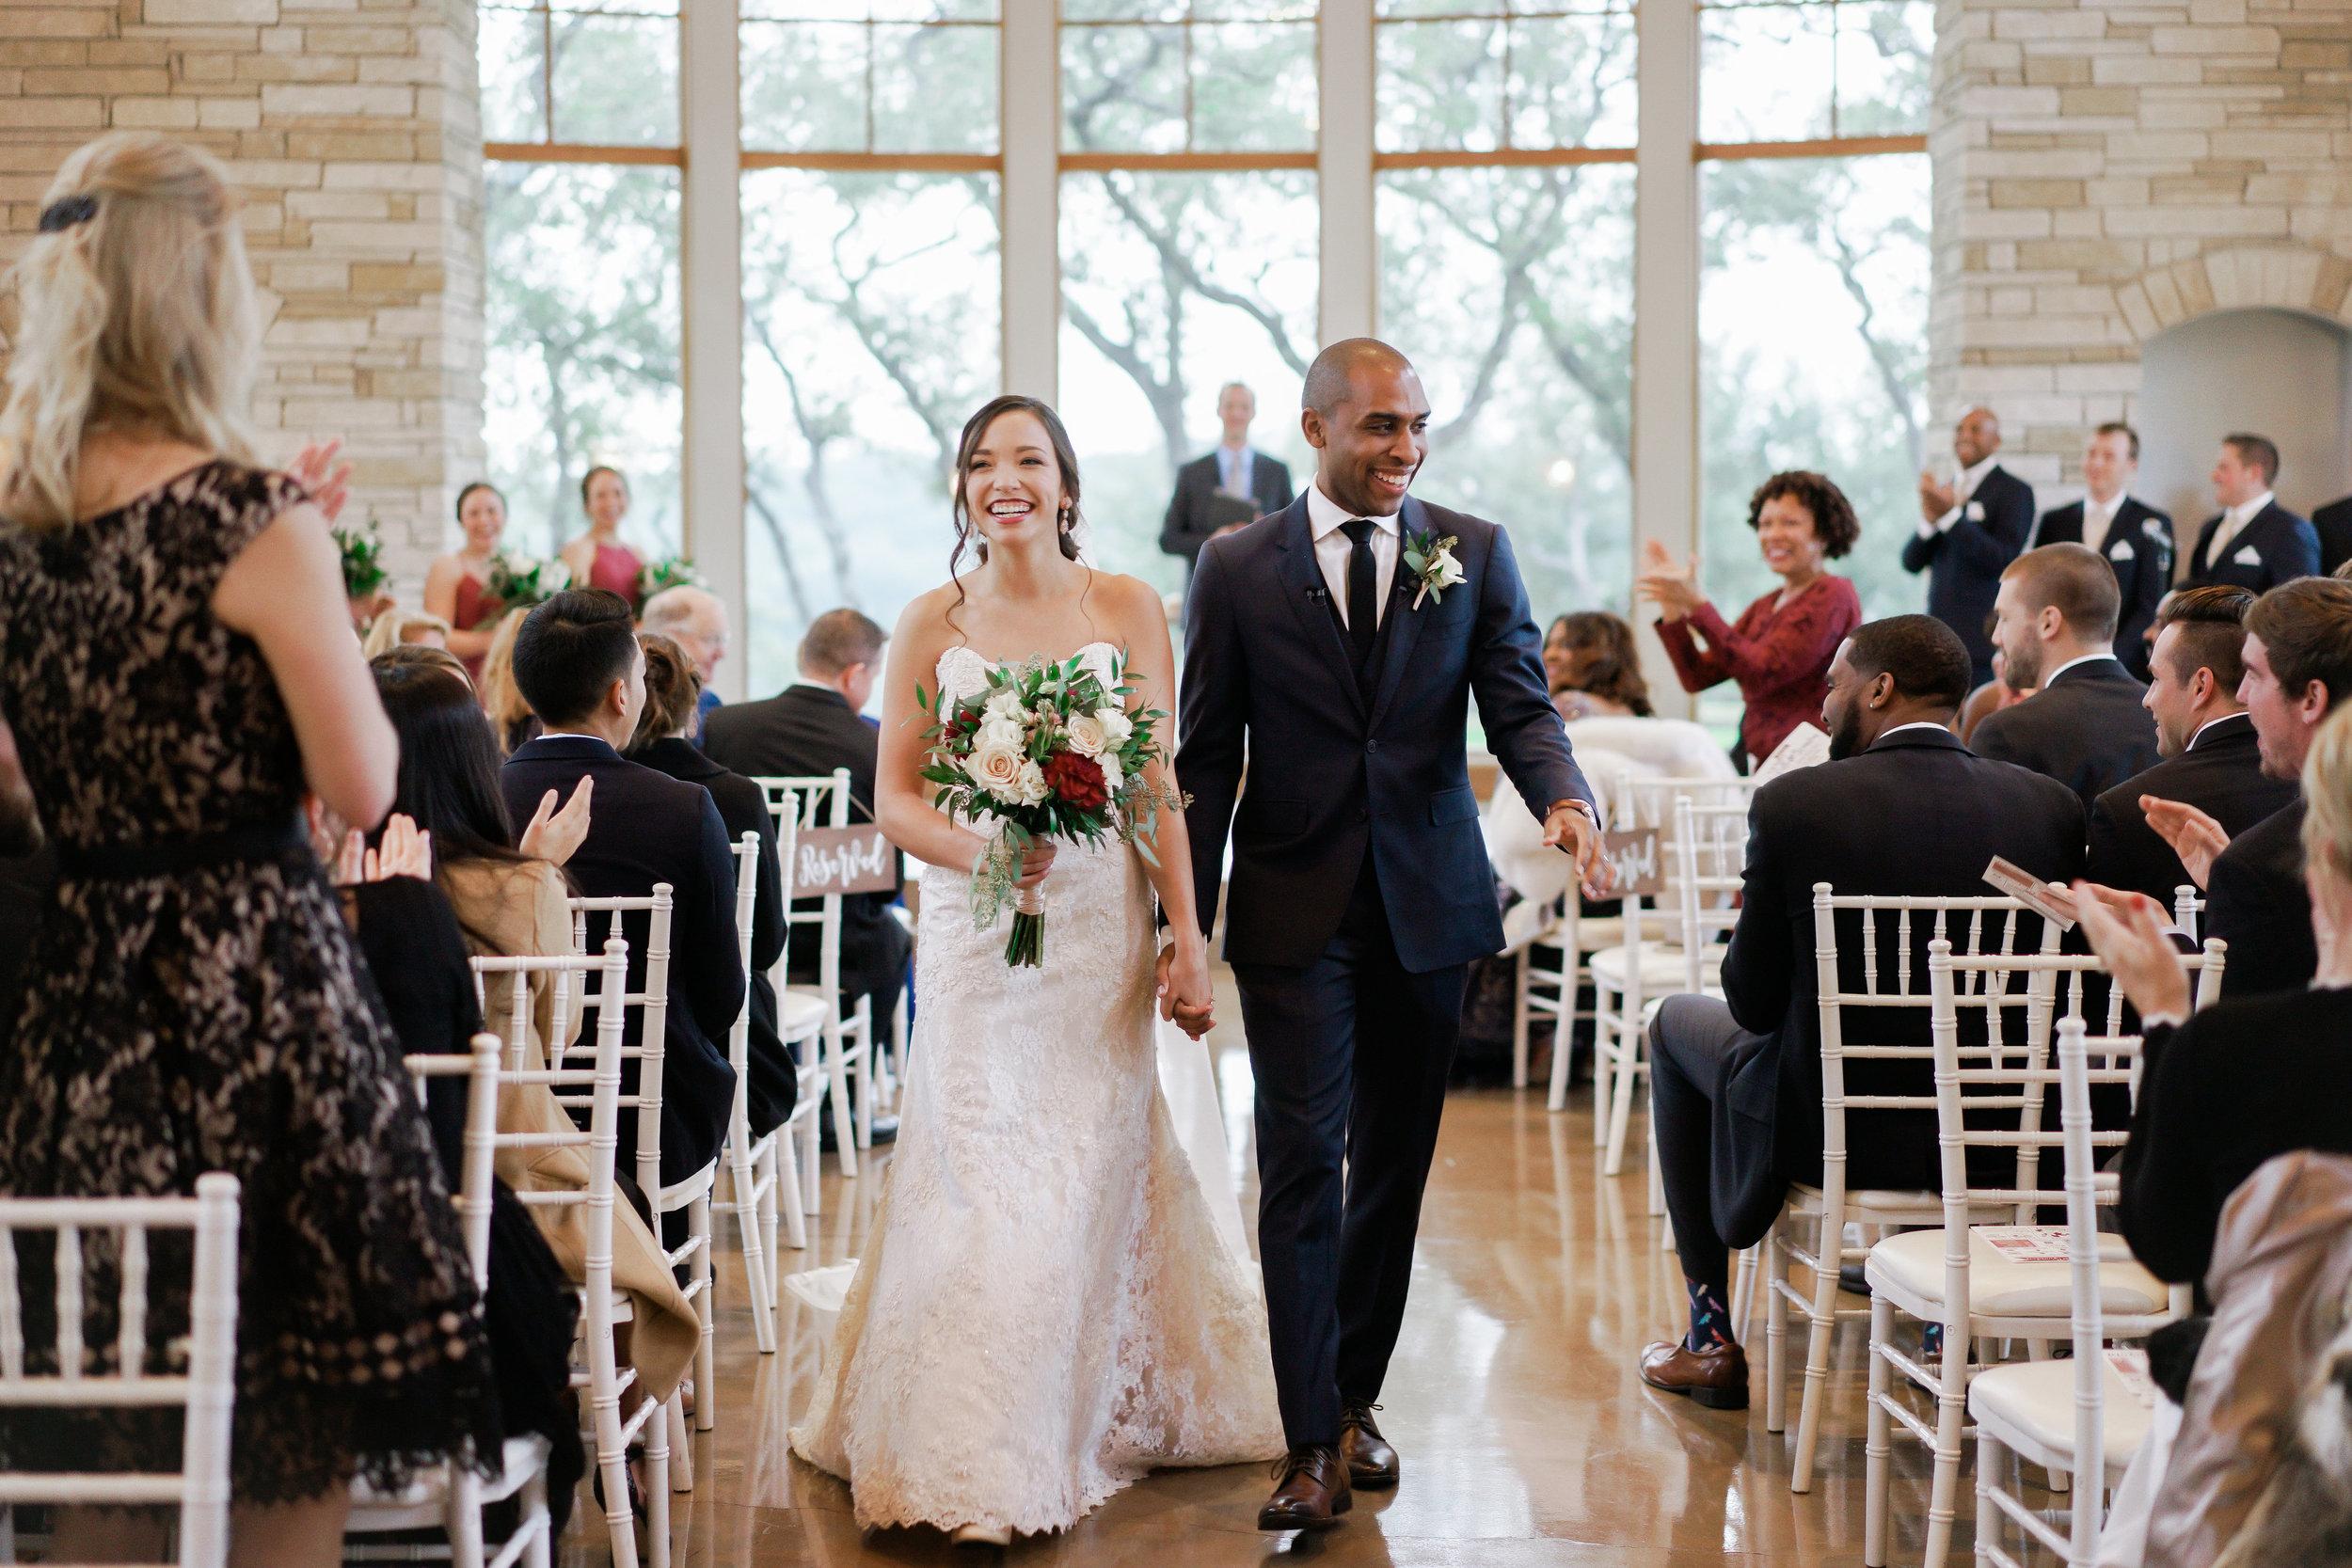 joyful moments from a beautiful austin wedding ceremony at Canyonwood Ridge